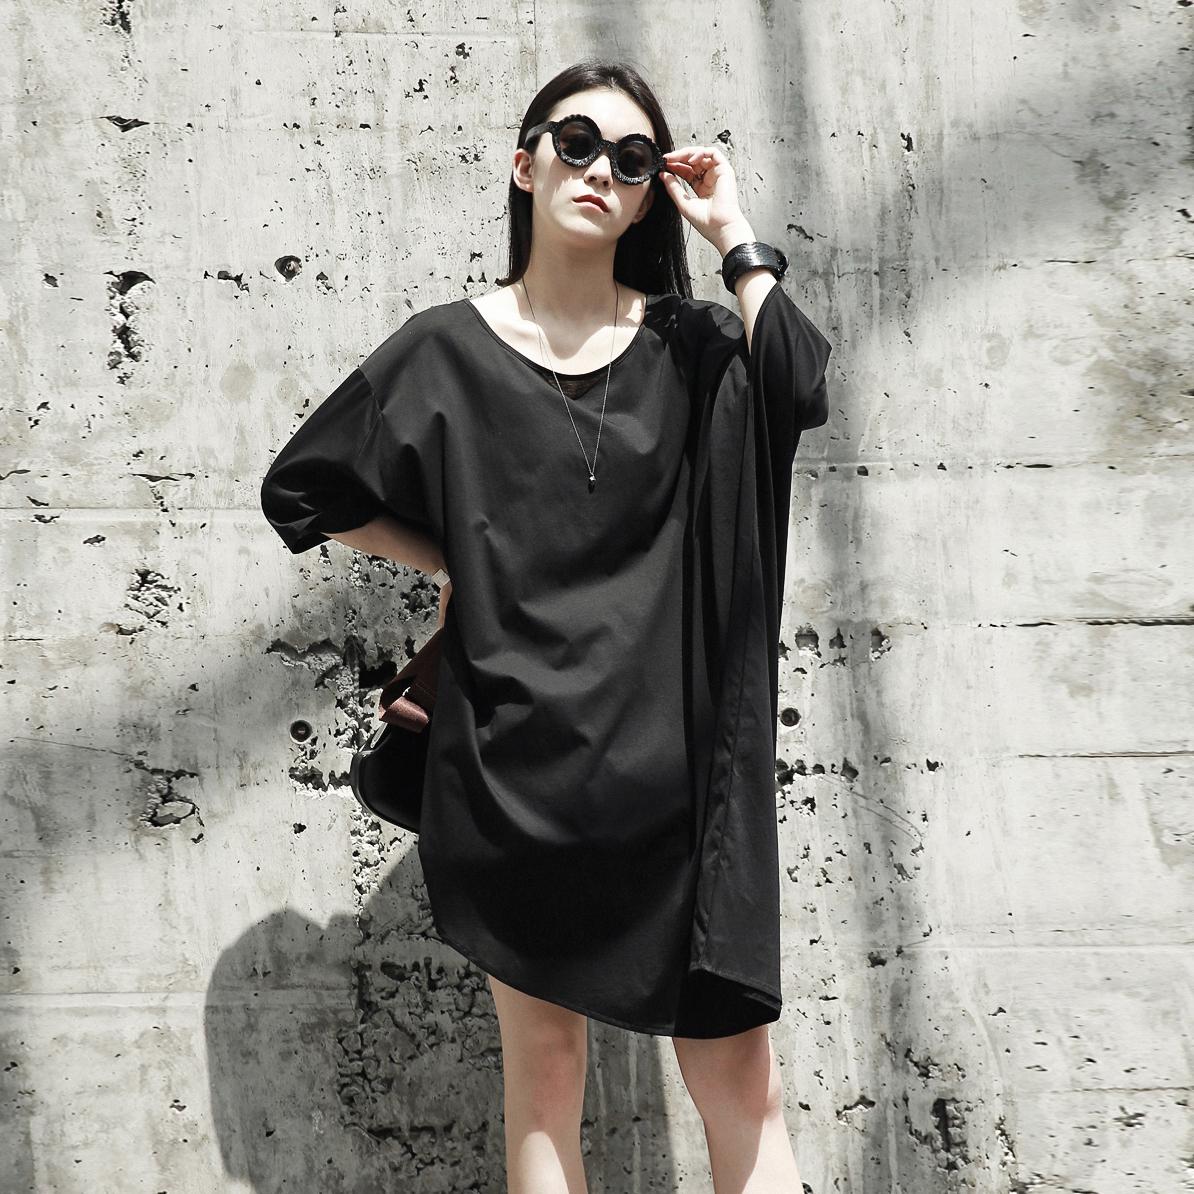 SIMPLE BLACK 暗黑风不规则宽松版蝙蝠袖造型中长款套头连衣裙